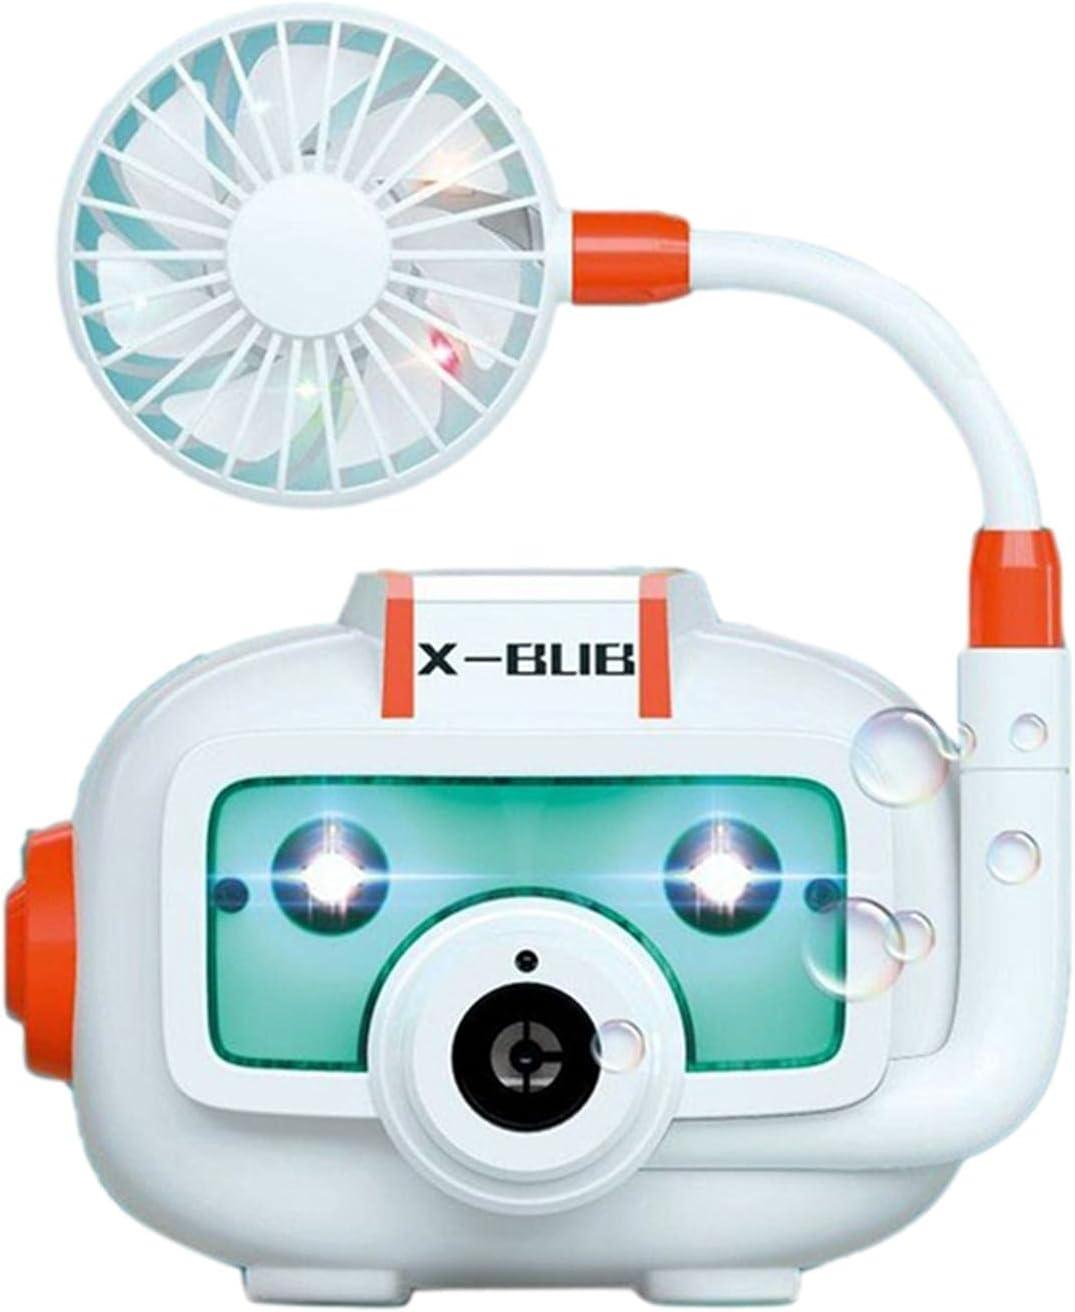 cypressen Máquina de pompas de jabón con ventilador, máquina de burbujas automática, juguete eléctrico, con luz y música, para fiestas de cumpleaños, bodas